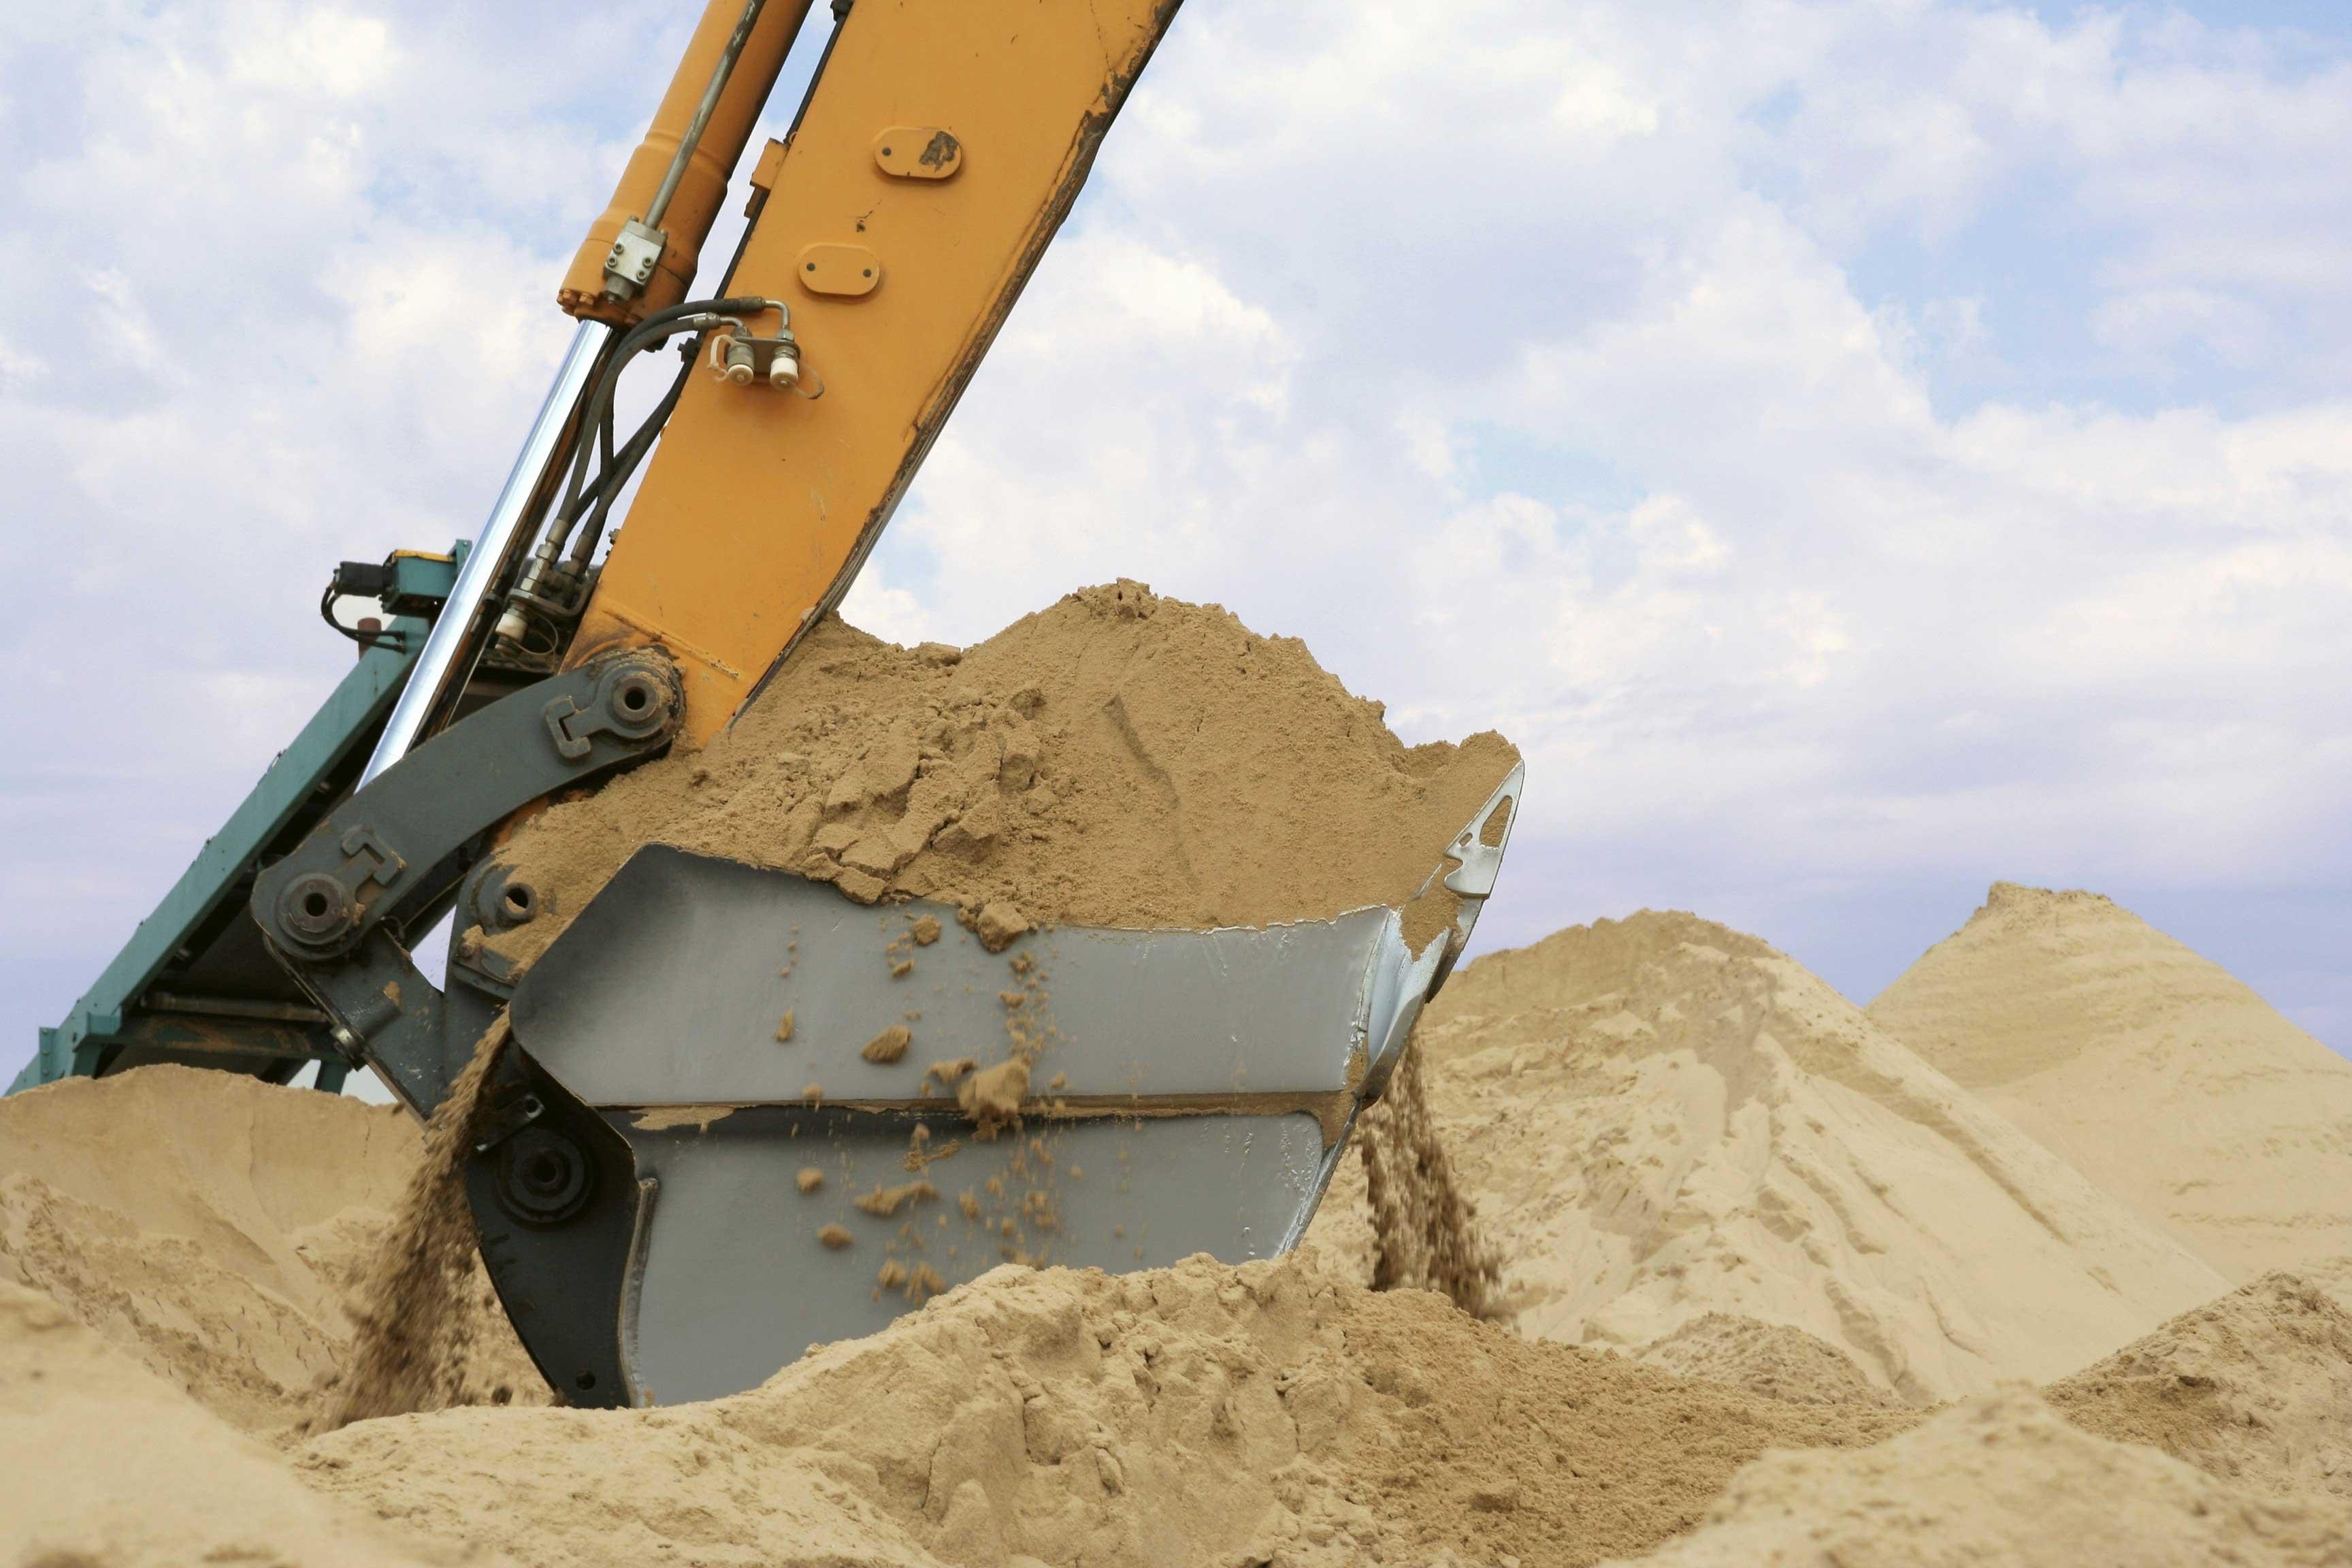 Неметаллические полезные ископаемые - какие виды к ним относятся